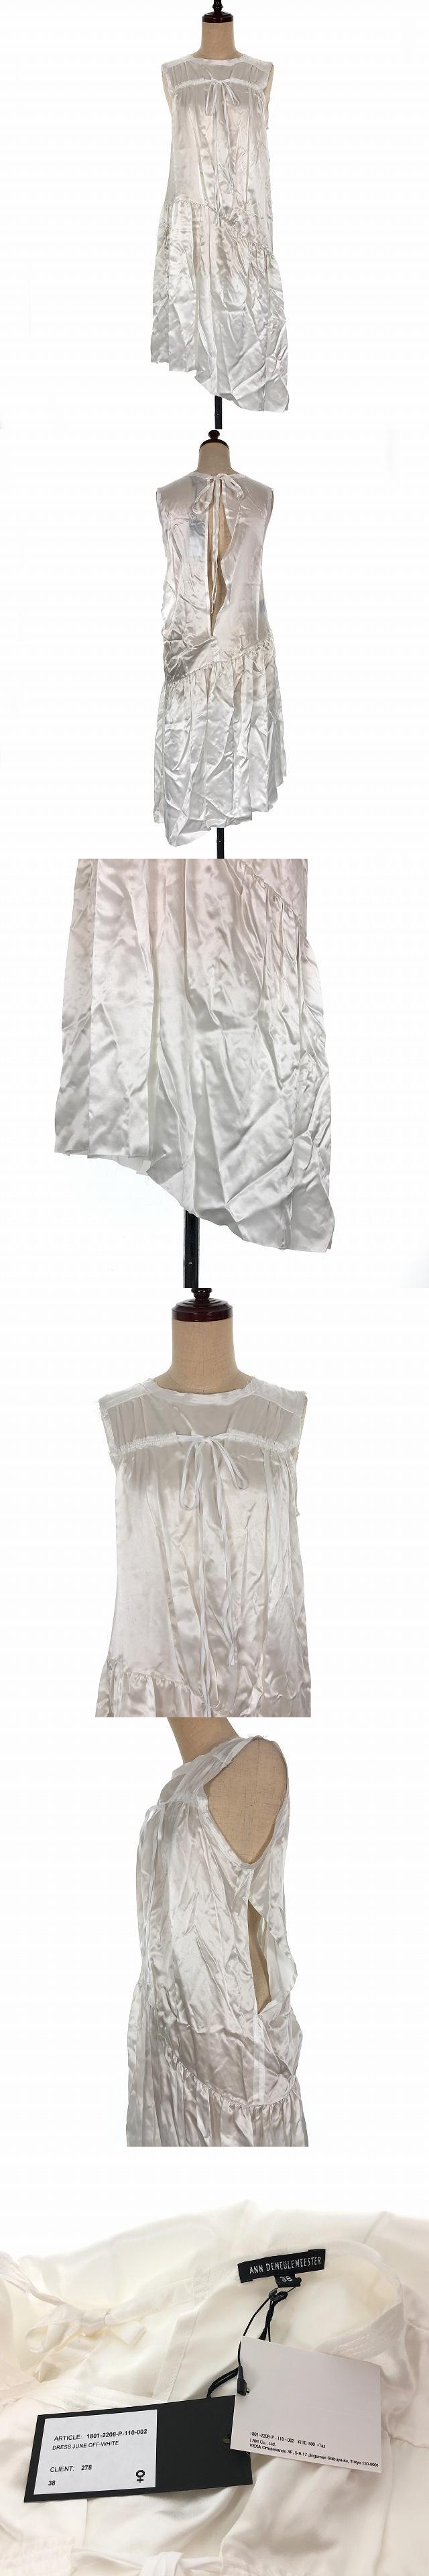 18SS サテン ワンピース ドレス ノースリーブ リボン アシンメトリー ミディ丈 スリット 38 ホワイト 白 1801-2208-P-110-002